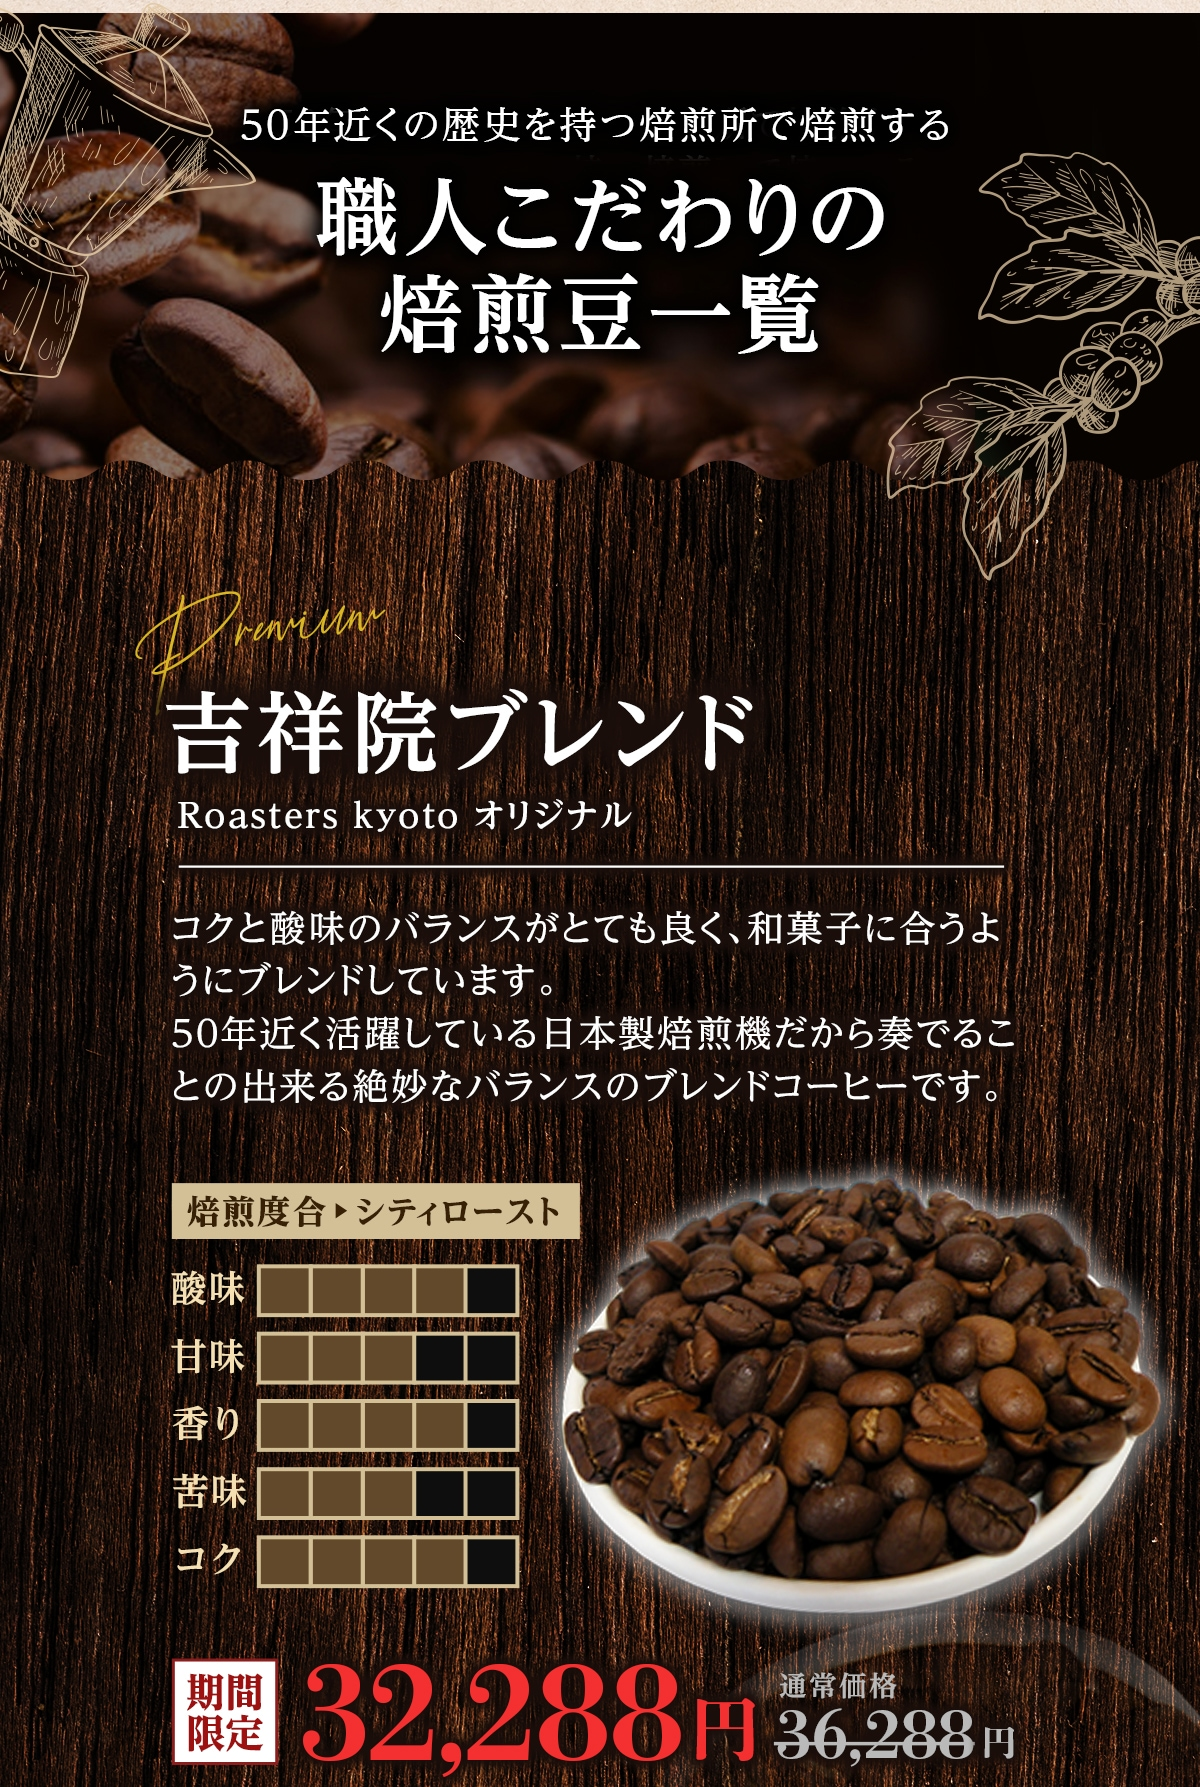 コーヒー豆 吉祥院ブレンド